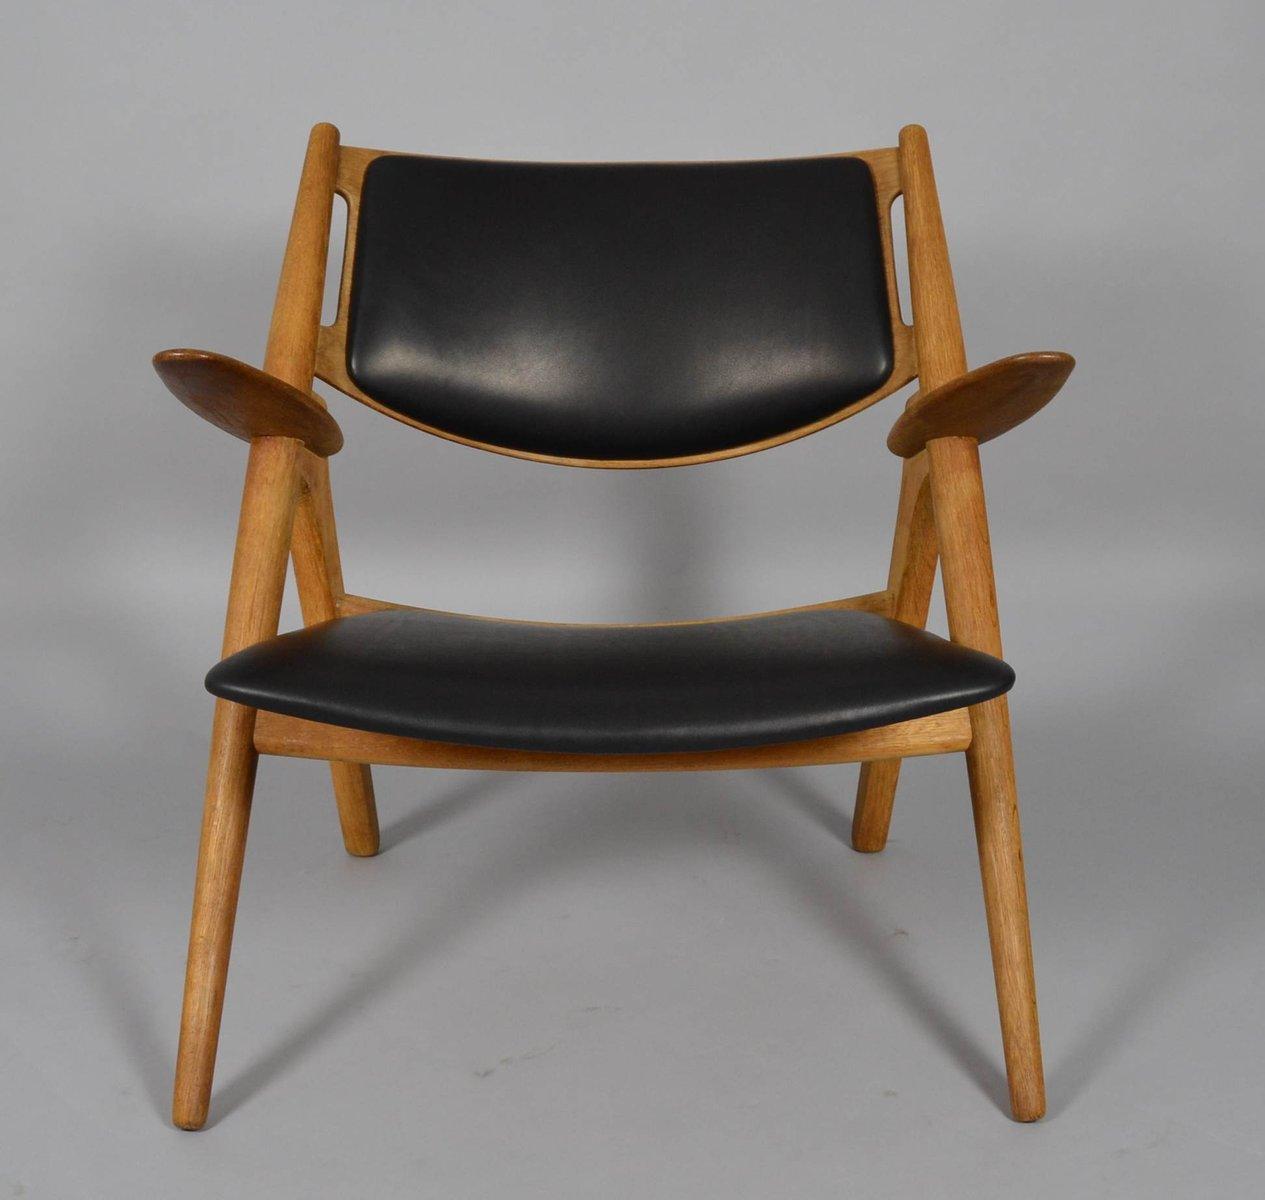 mid century ch28 sawbuck stuhl von hans j wegner f r carl hansen bei pamono kaufen. Black Bedroom Furniture Sets. Home Design Ideas